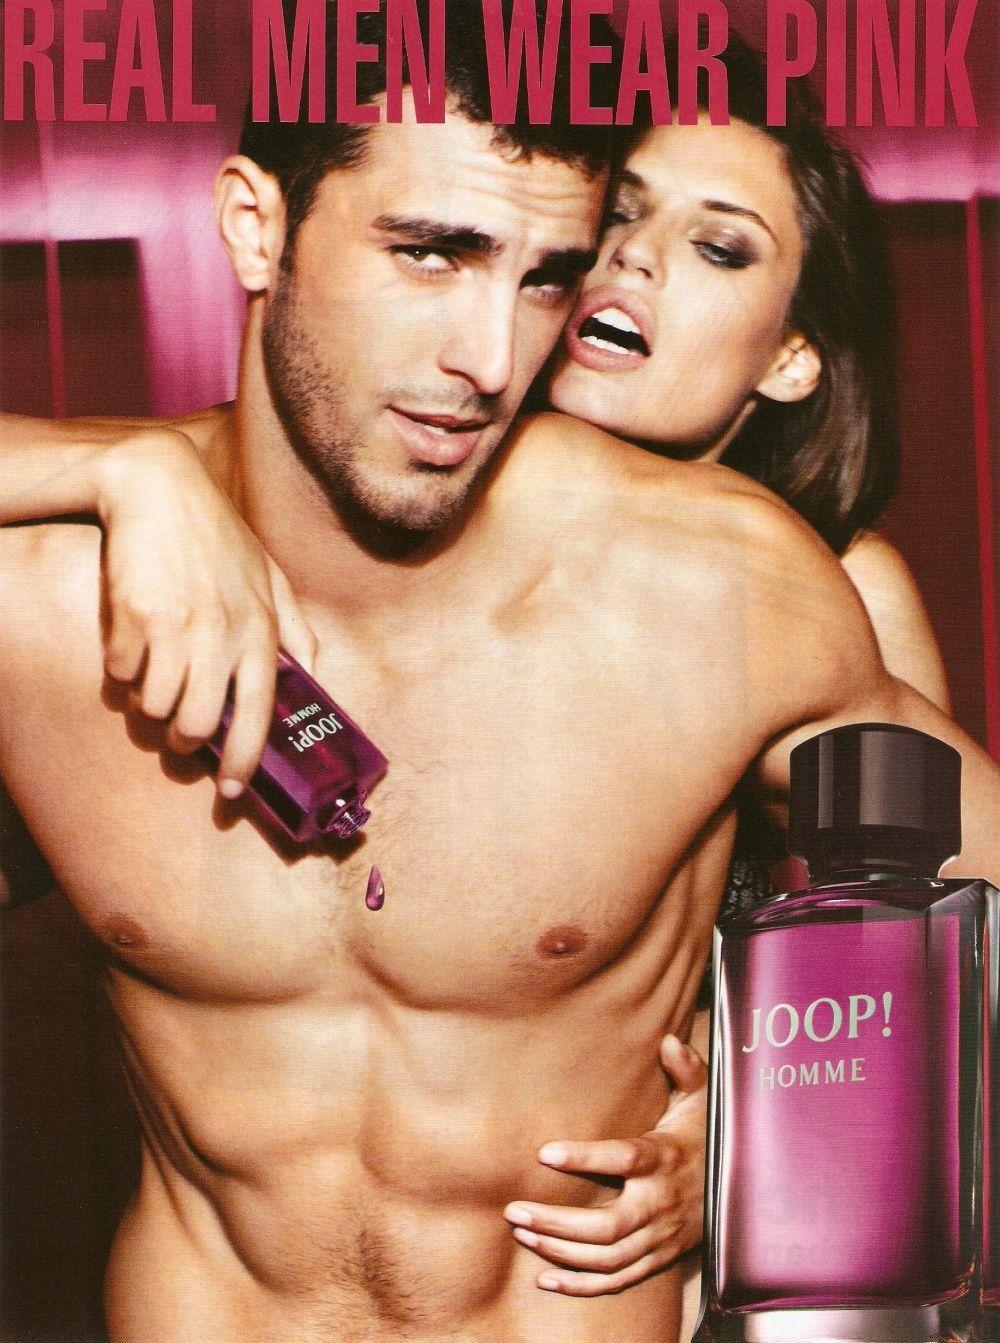 real men wear pink Perfume adverts, Joop perfume